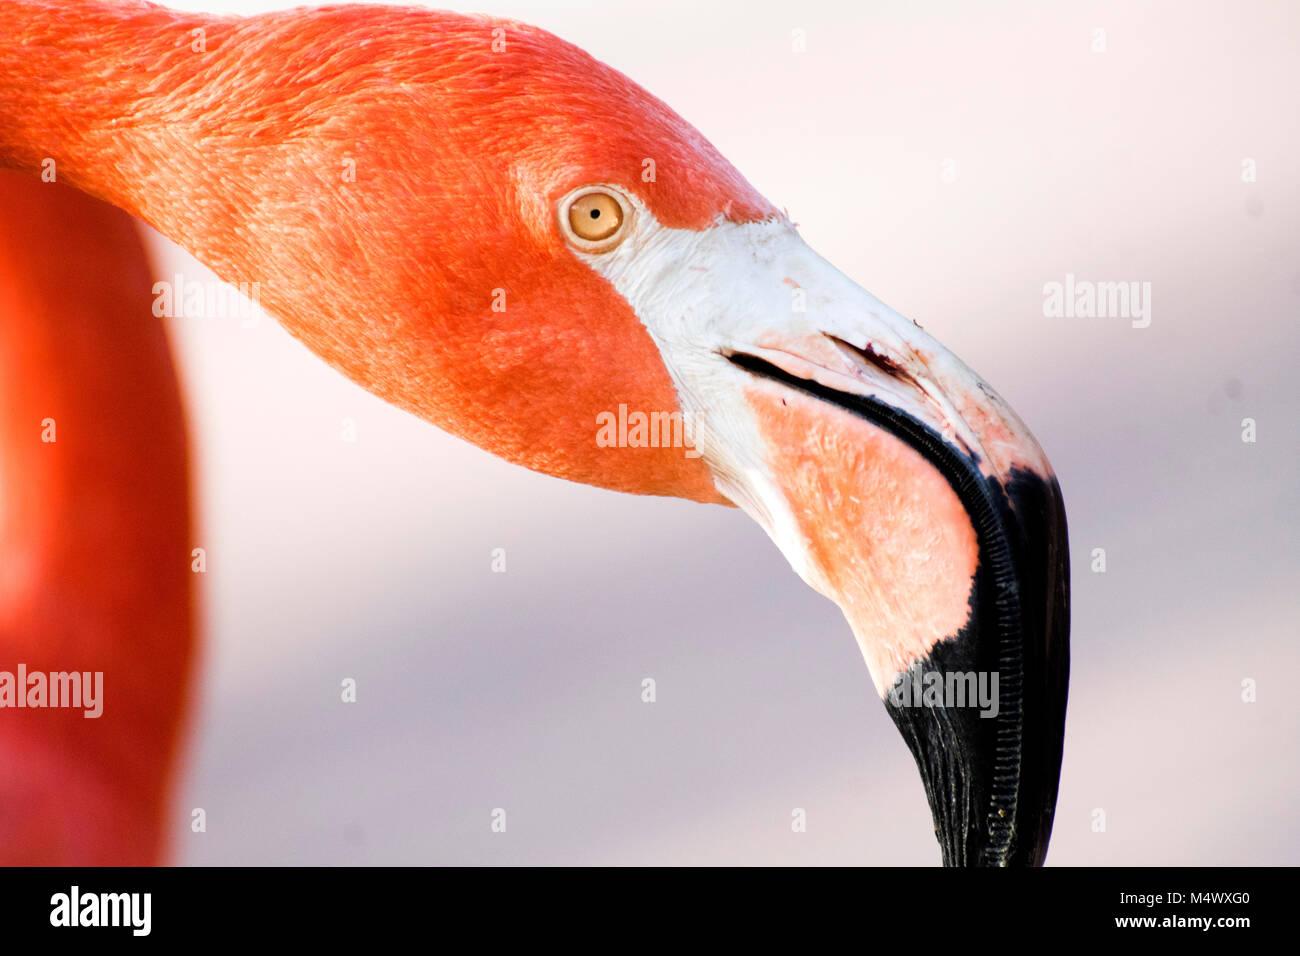 Madrid, España. 18 de febrero, 2018. American flamenco (Phoenicopterus ruber) en el Zoo de Madrid el 18 de Imagen De Stock